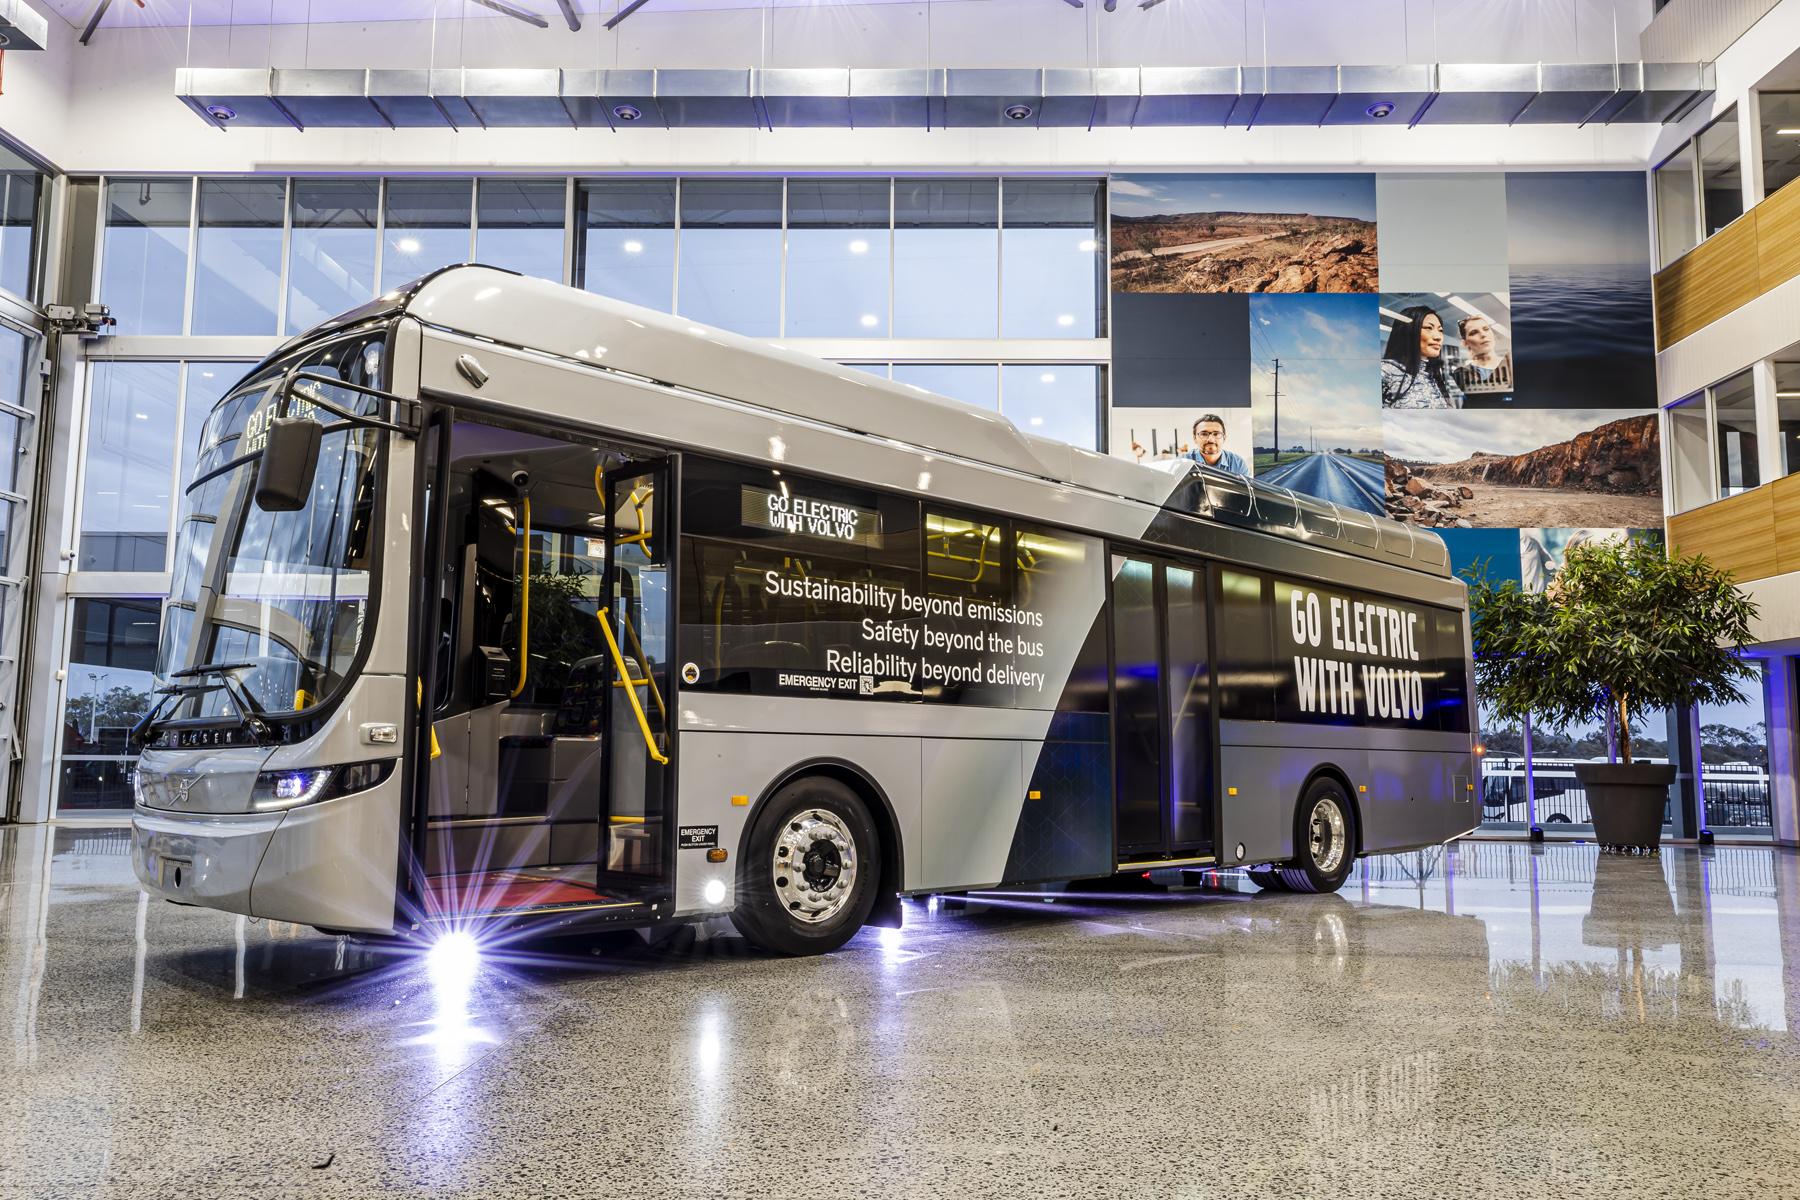 Volvo lanza el nuevo chasis eléctrico Volvo BZL para autobuses